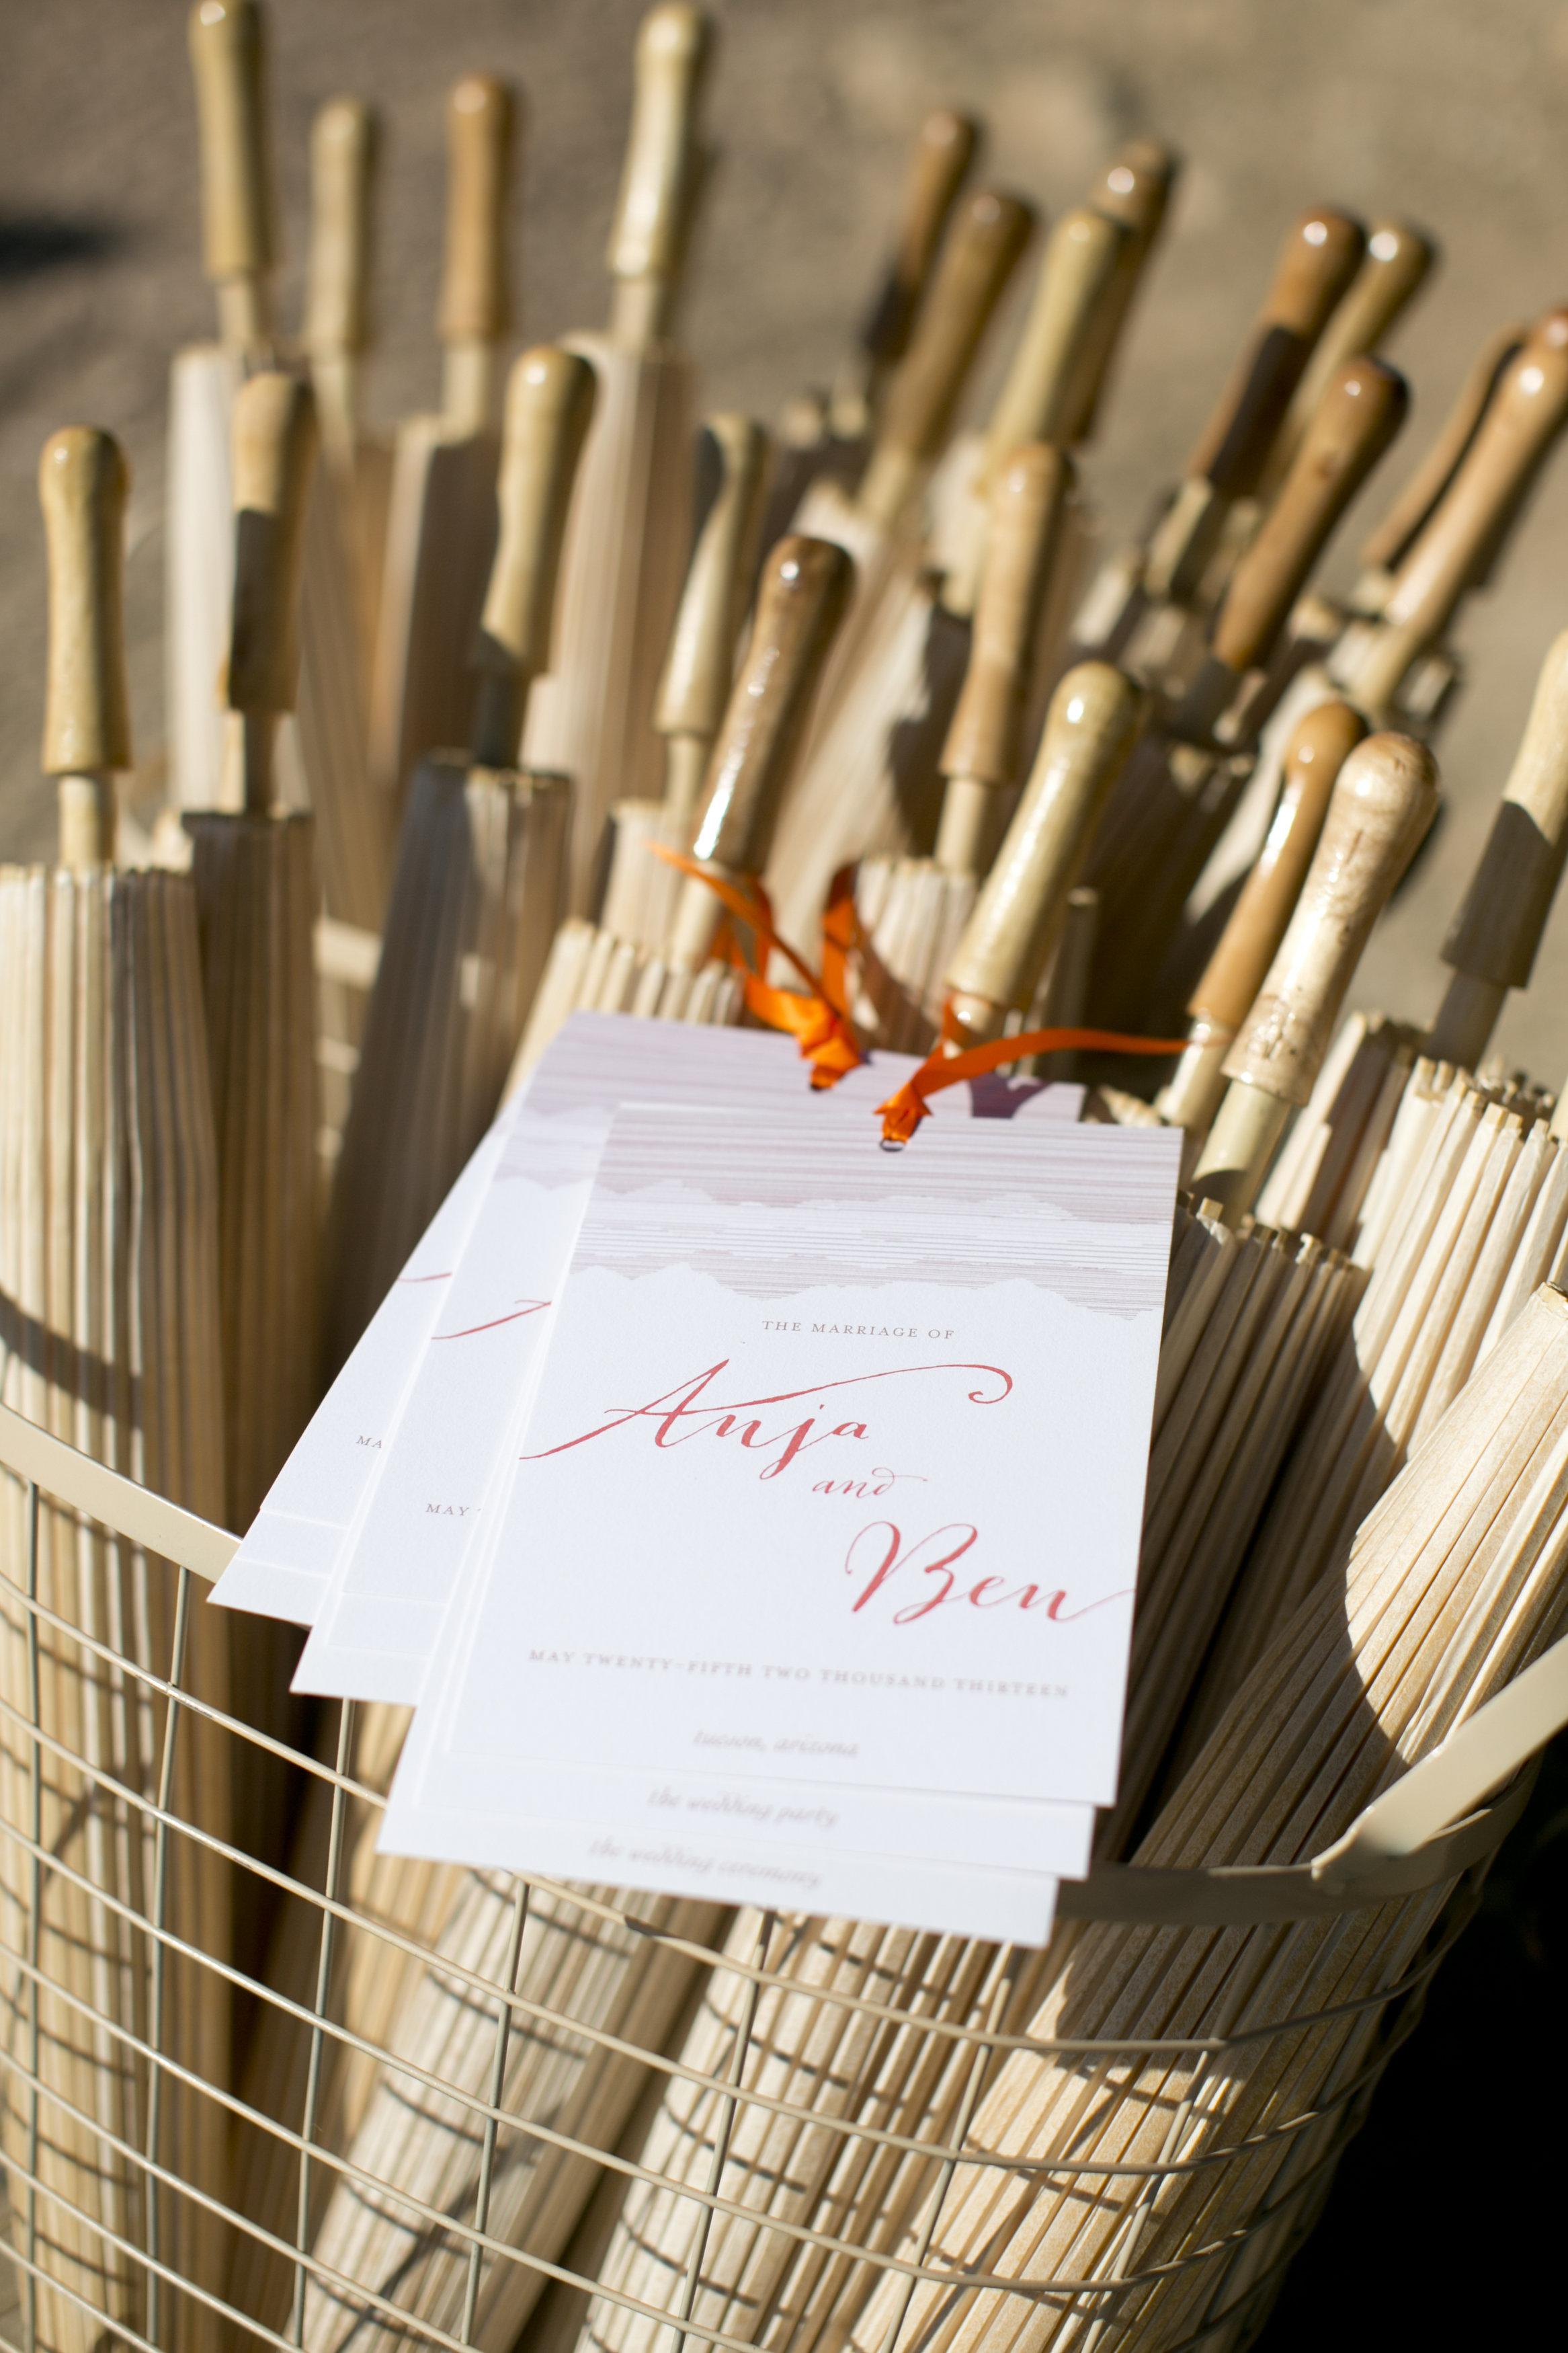 Ceci_New_York_Ceci_Style_Ceci_Johnson_Luxury_Lifestyle_Arizona_Wedding_Watercolor_Inspiration_Design_Custom_Couture_Personalized_Invitations_90.jpg